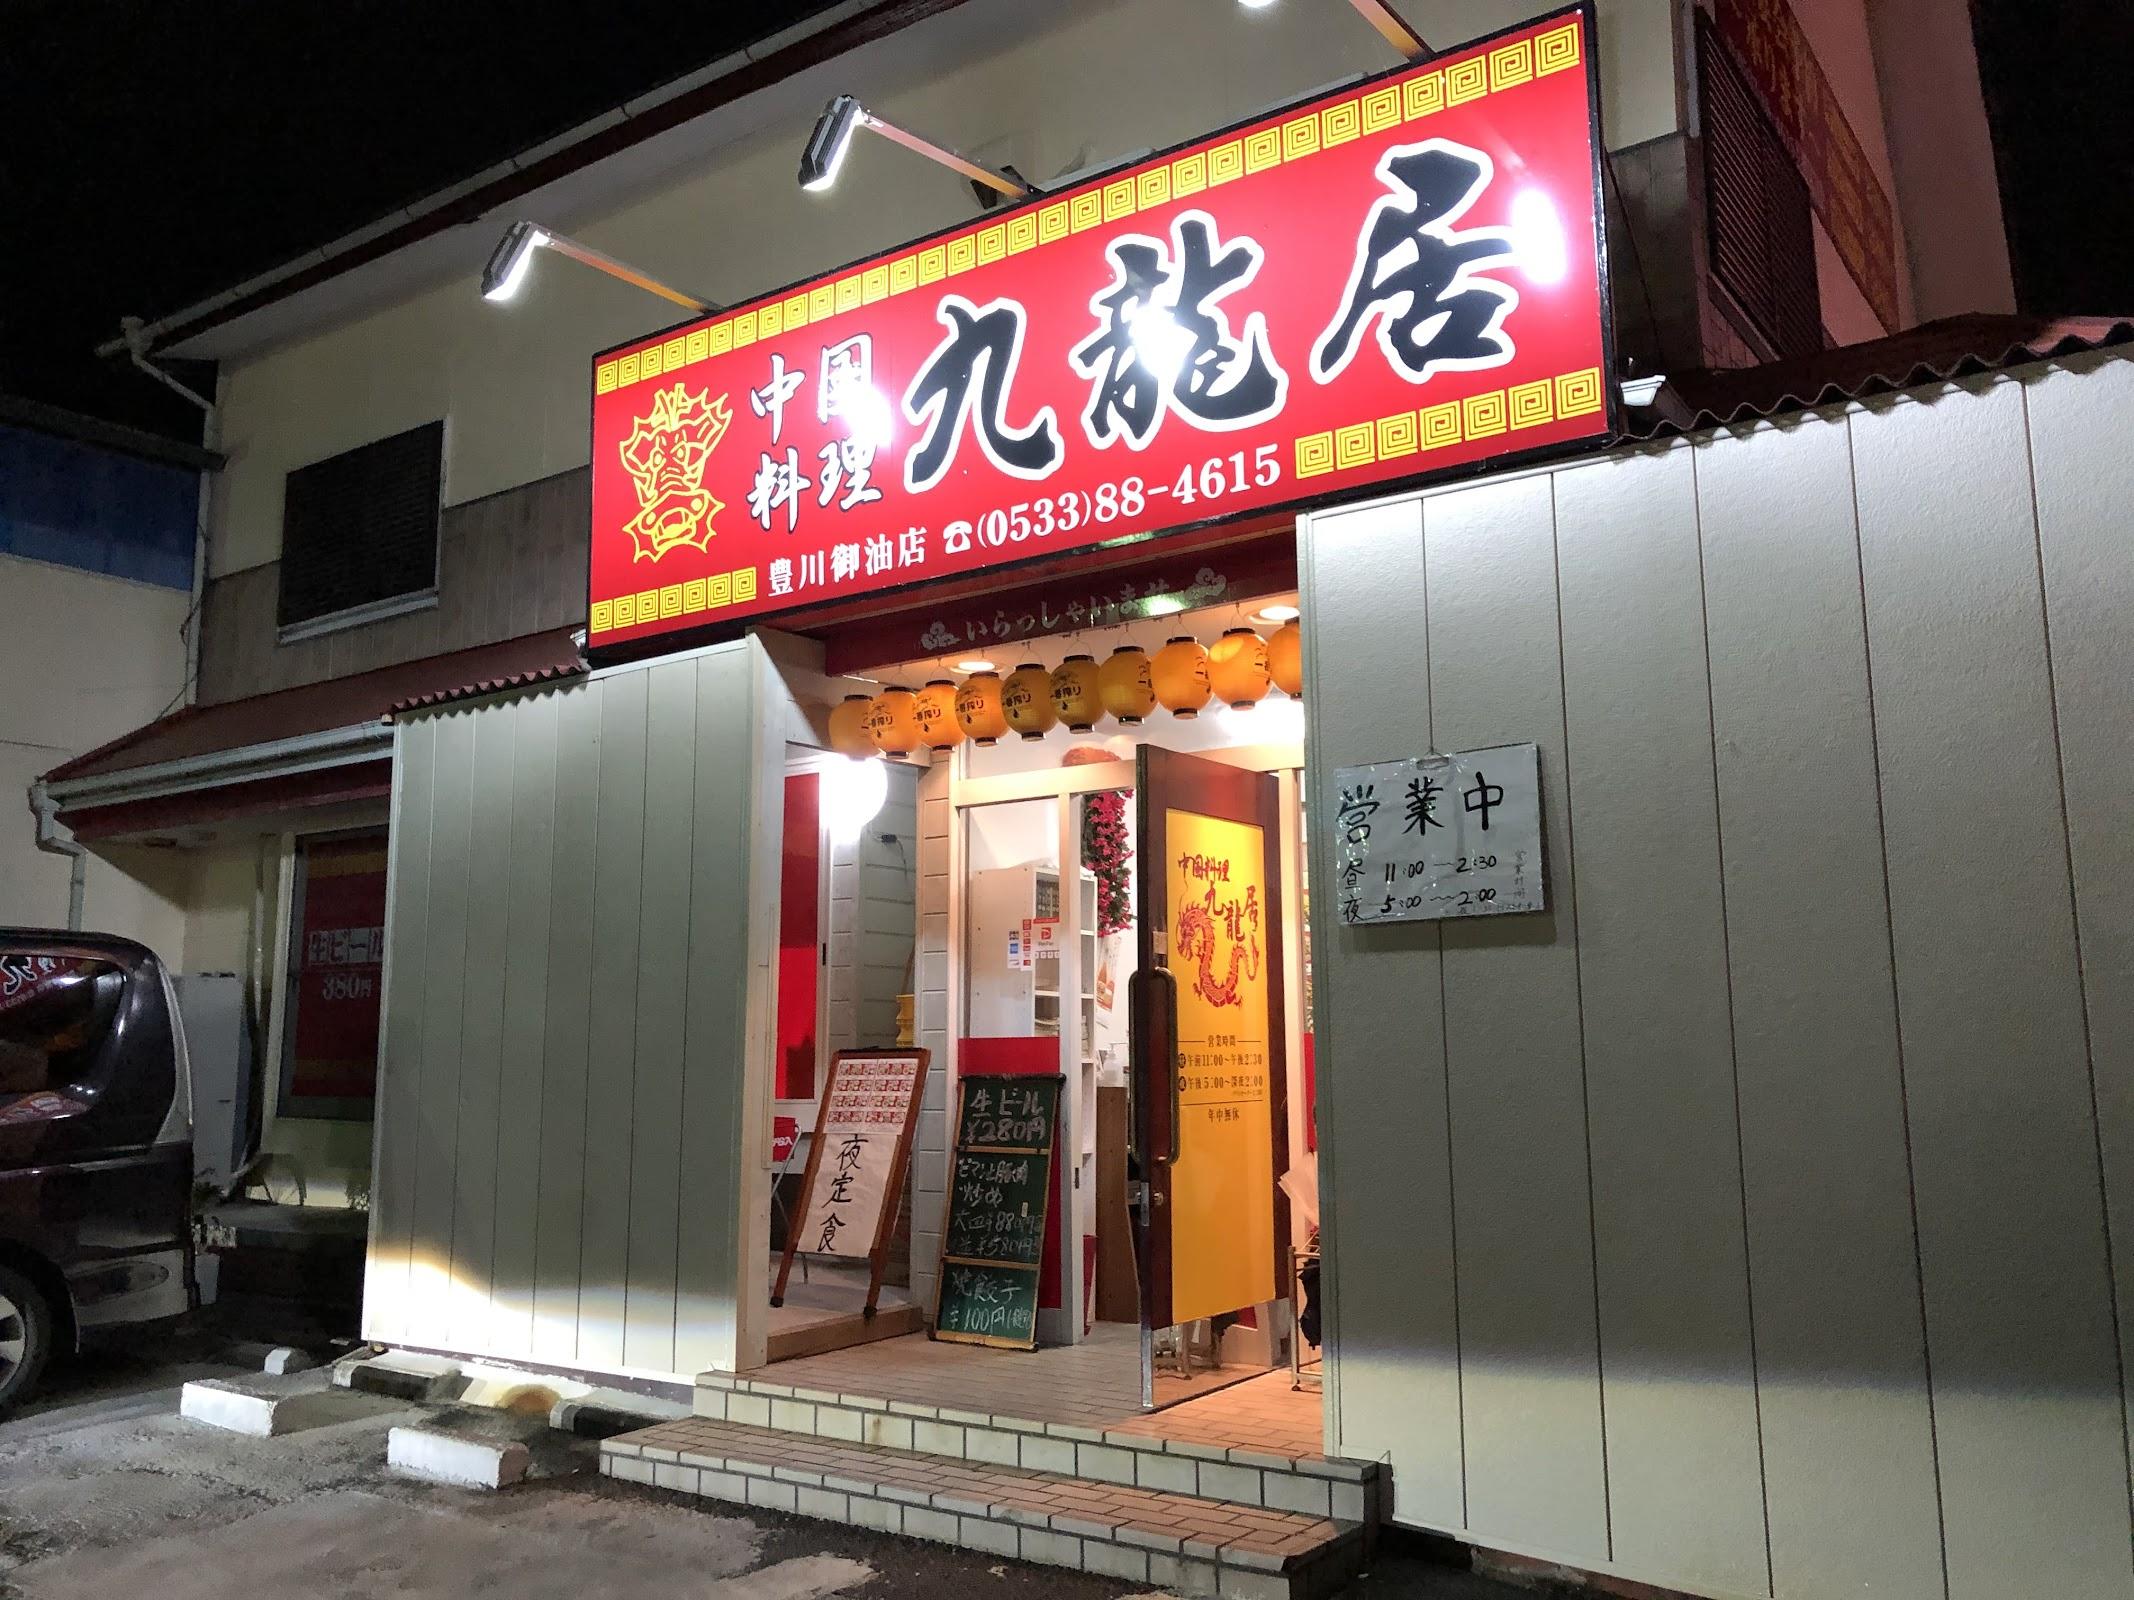 営業再開したいつもの中華料理屋に行ってみよう